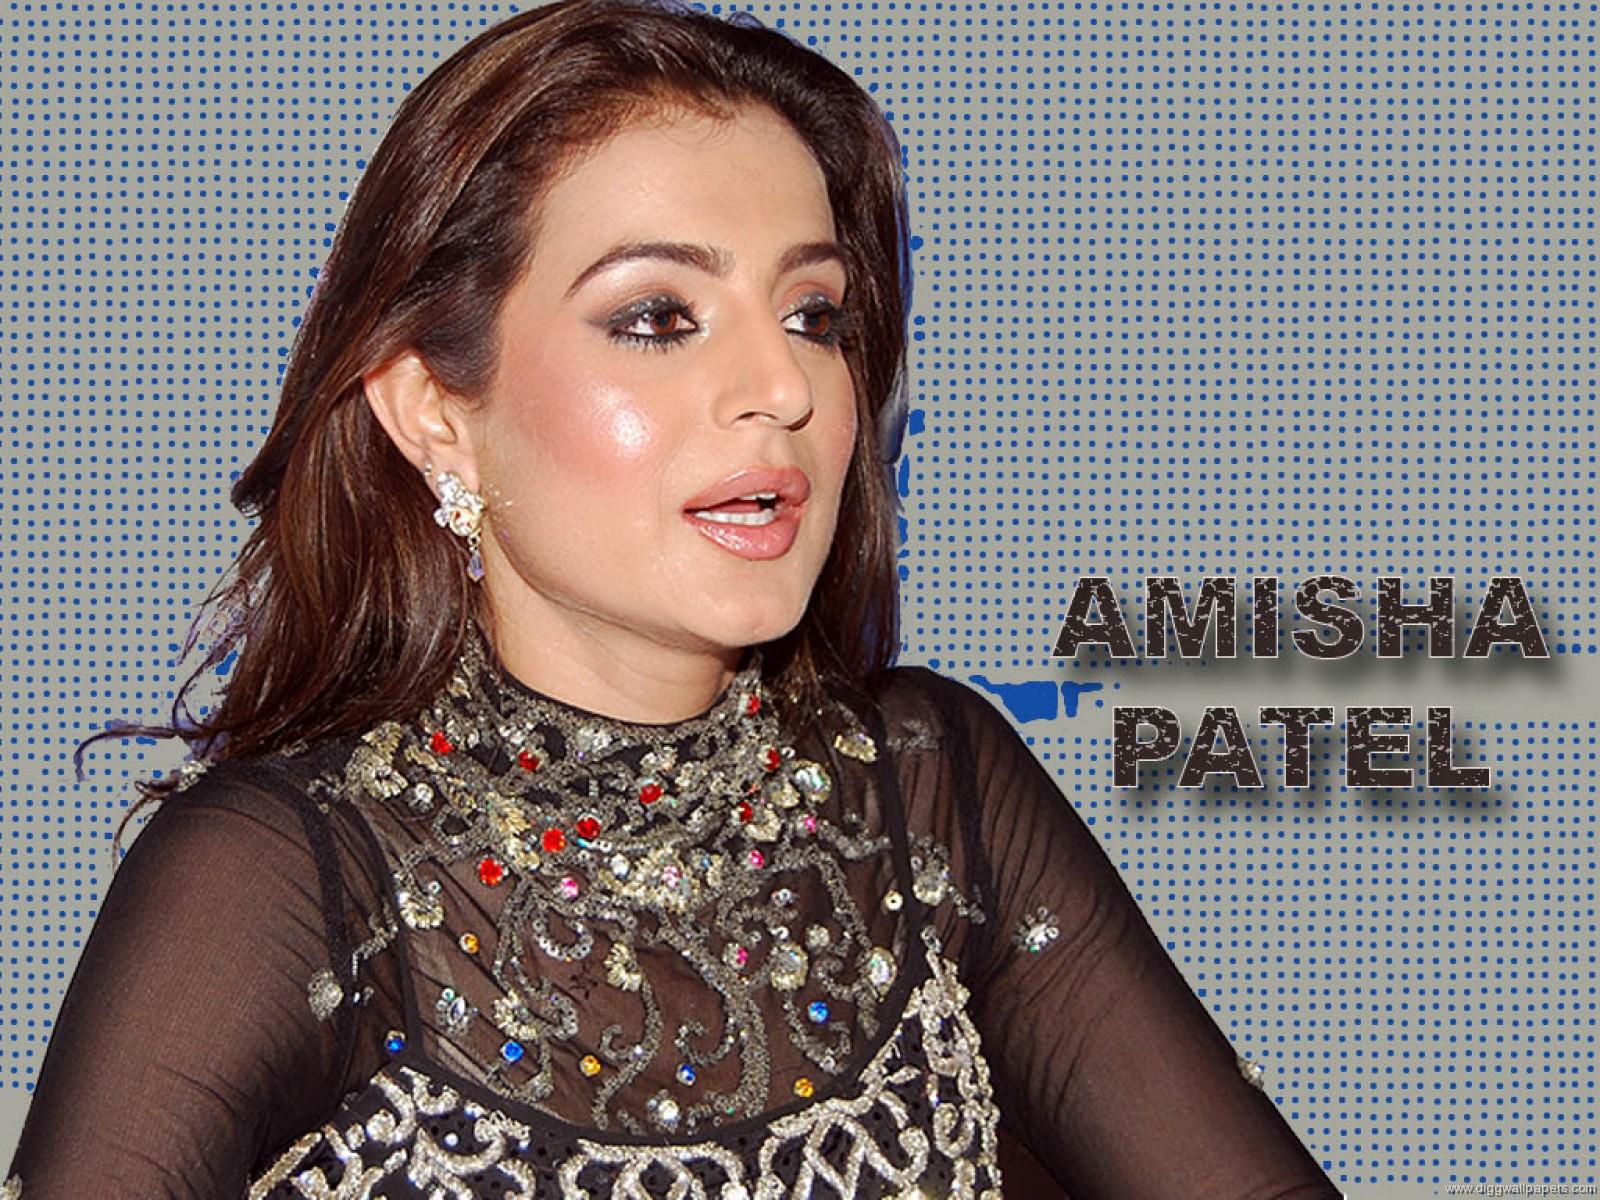 http://2.bp.blogspot.com/-iLwzo1woYaY/TbRG4TladgI/AAAAAAAACXc/p7CSo7kl_As/s1600/Amisha-Patel-amish-patel-wallpapers-amisha-patel-pictures-amisha-patel-photos-amisha-patel-images-44d4940484-1600x1200.jpg